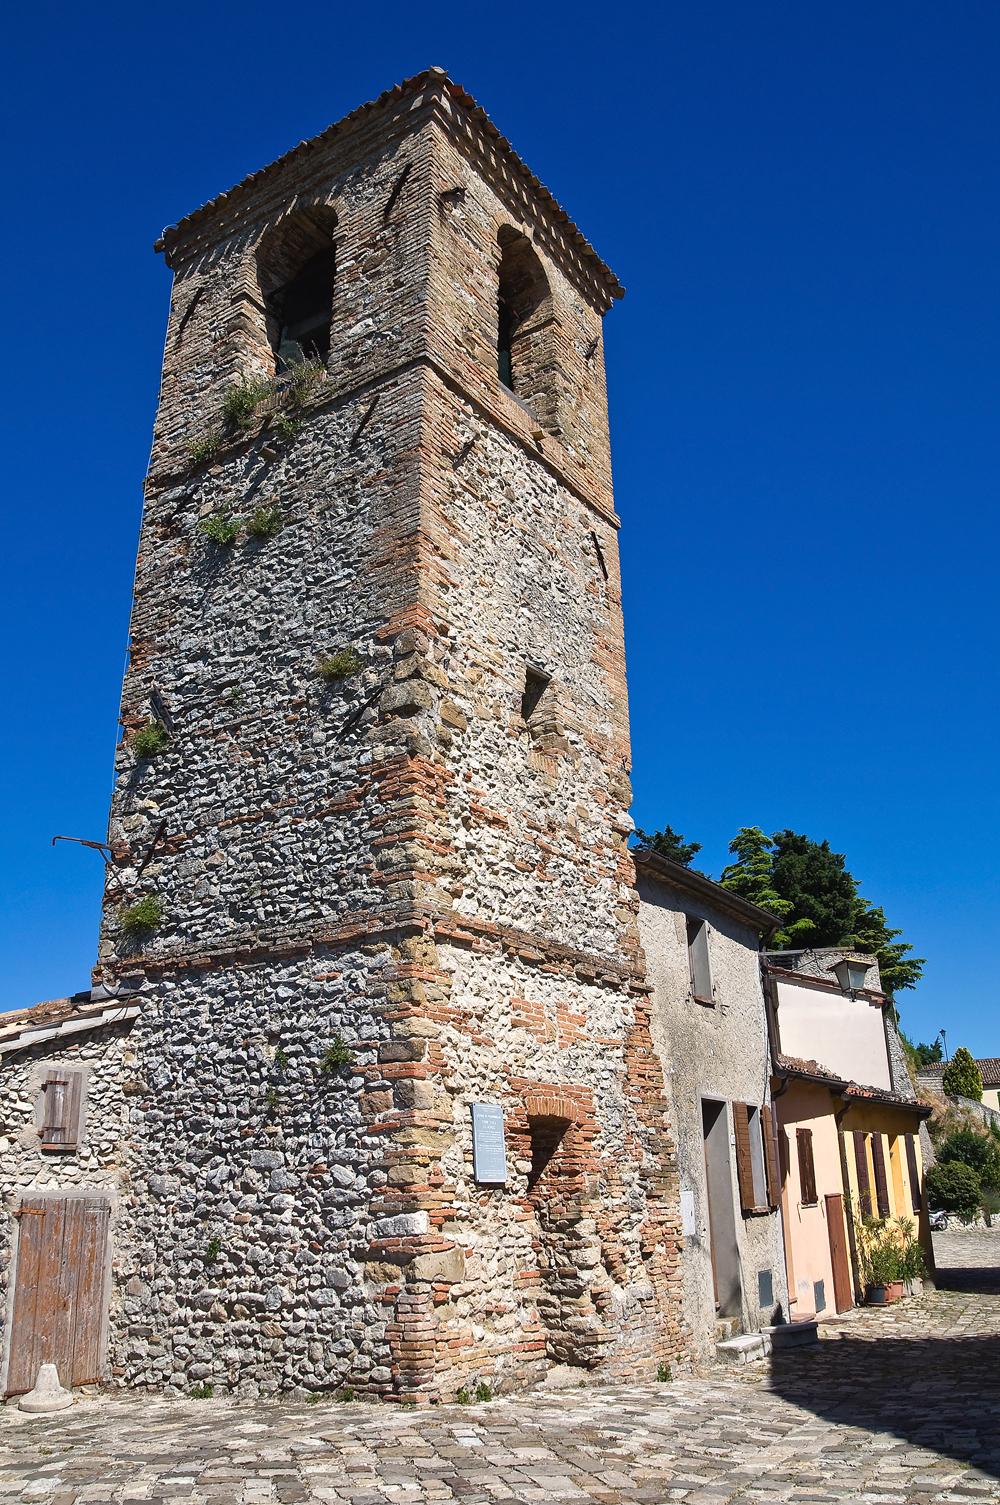 La Torre Civica di Montebello